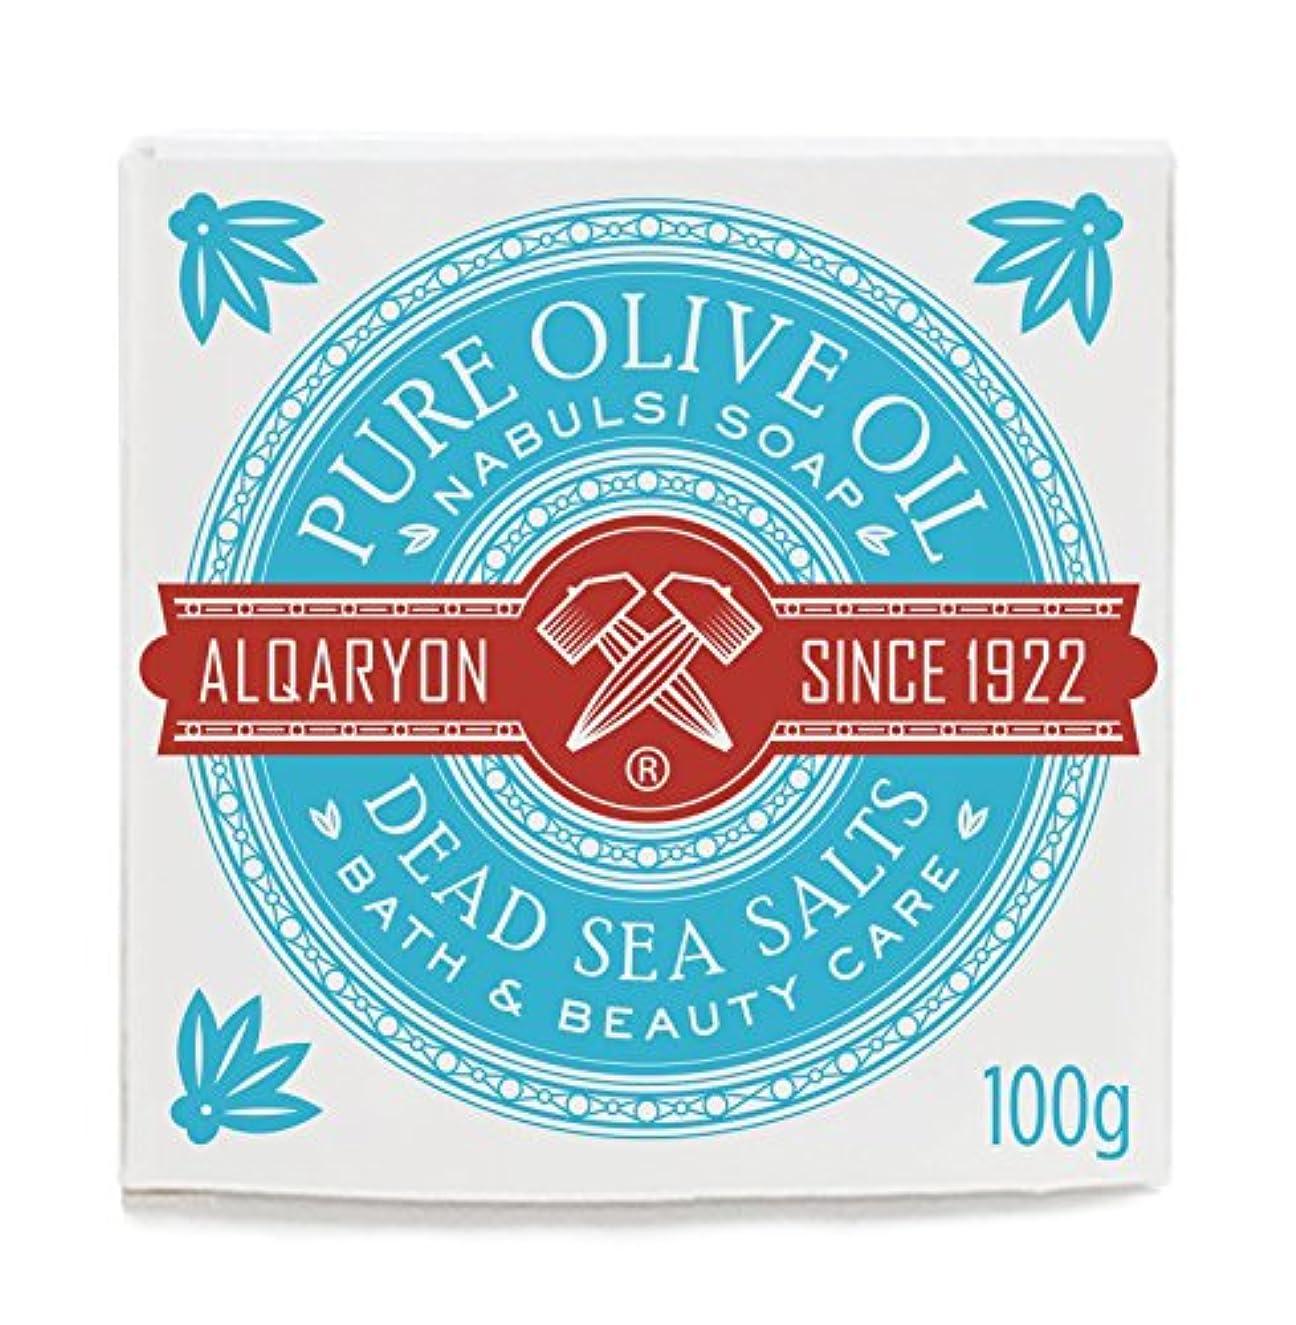 シーズンはっきりと観客Alqaryon Dead Sea Salts & Olive Oil Bar Soap, Pack of 4 Bars 100g- Alqaryonの死海で取れる塩&オリーブオイル ソープ、バス & ビューティー ケア...